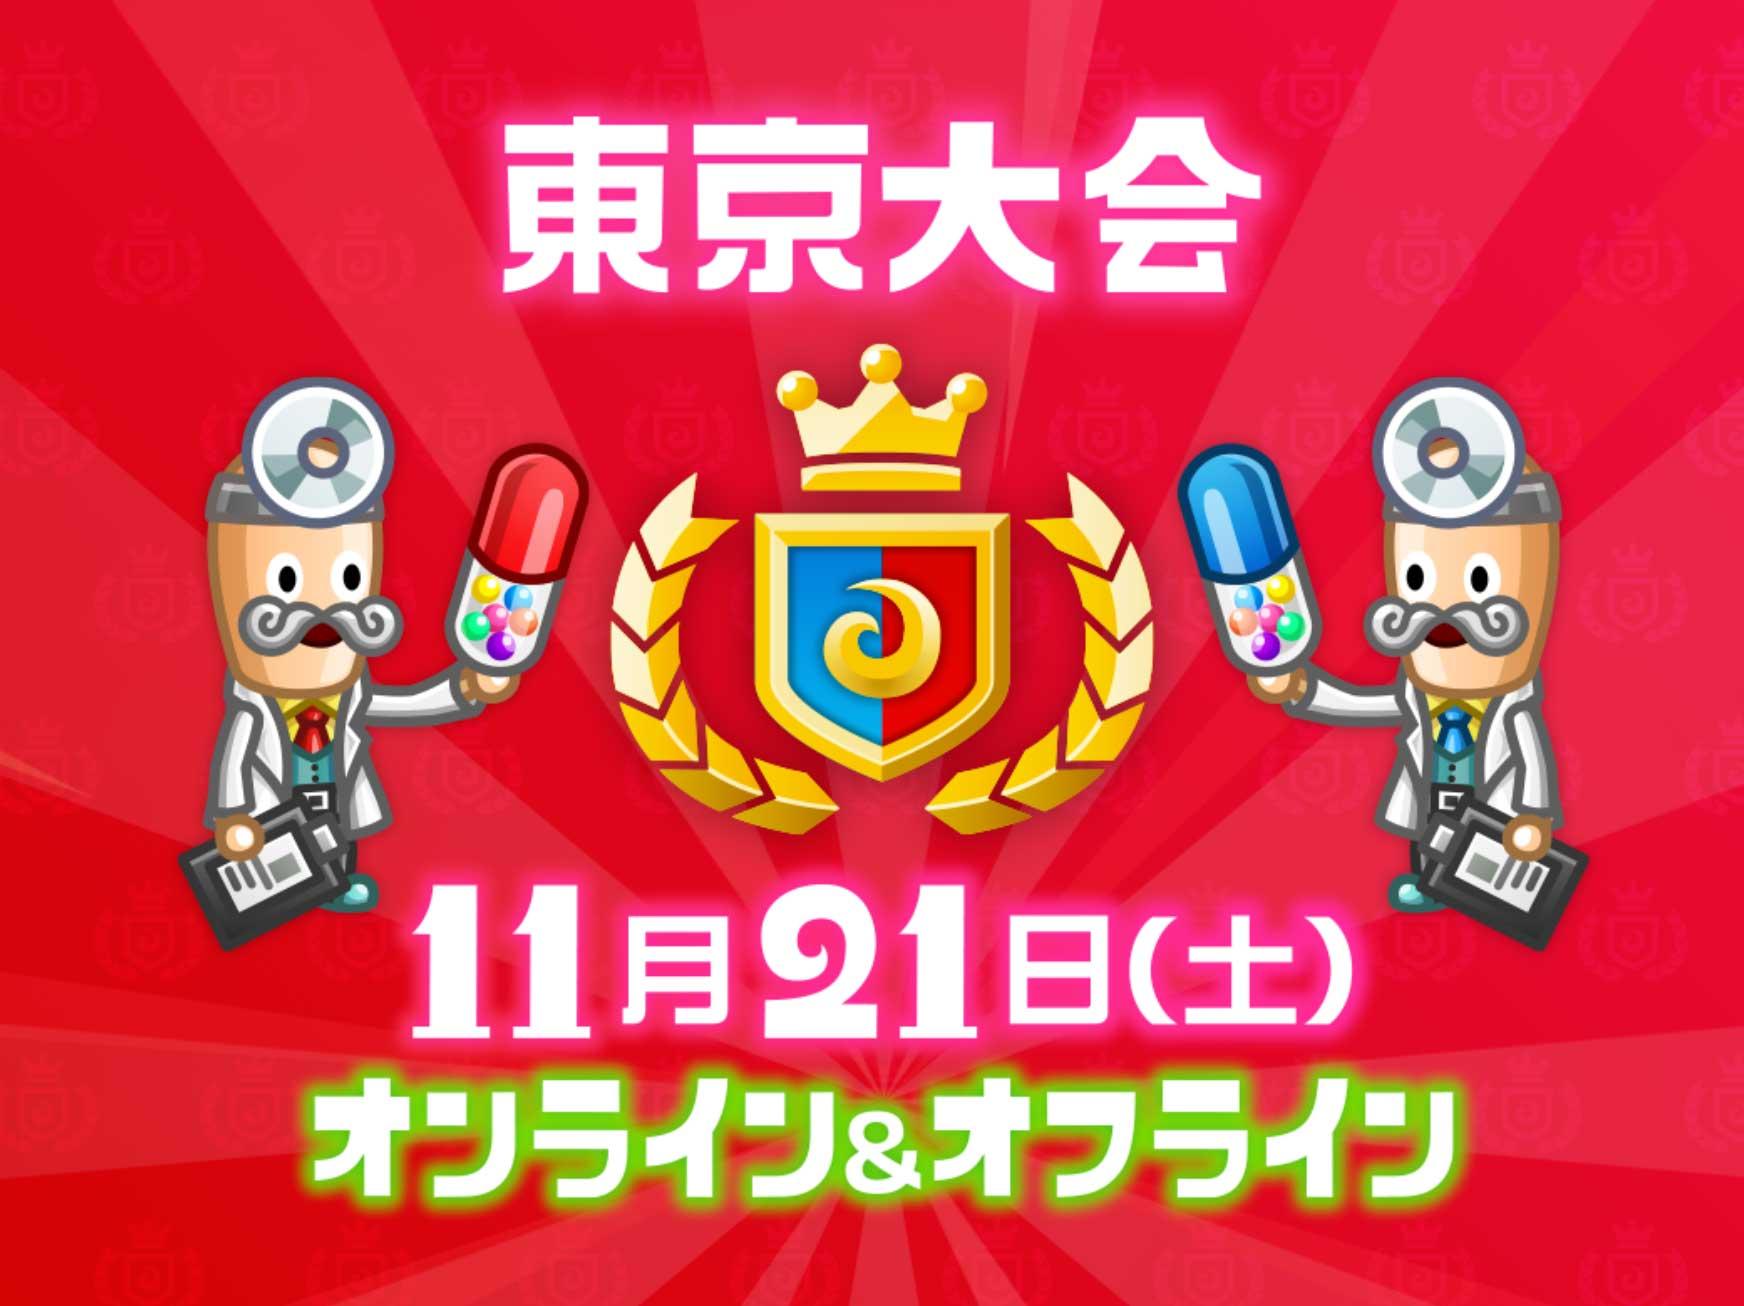 城ドラフェス2020in東京ツイッターまとめ|城ドラ、城とドラゴン